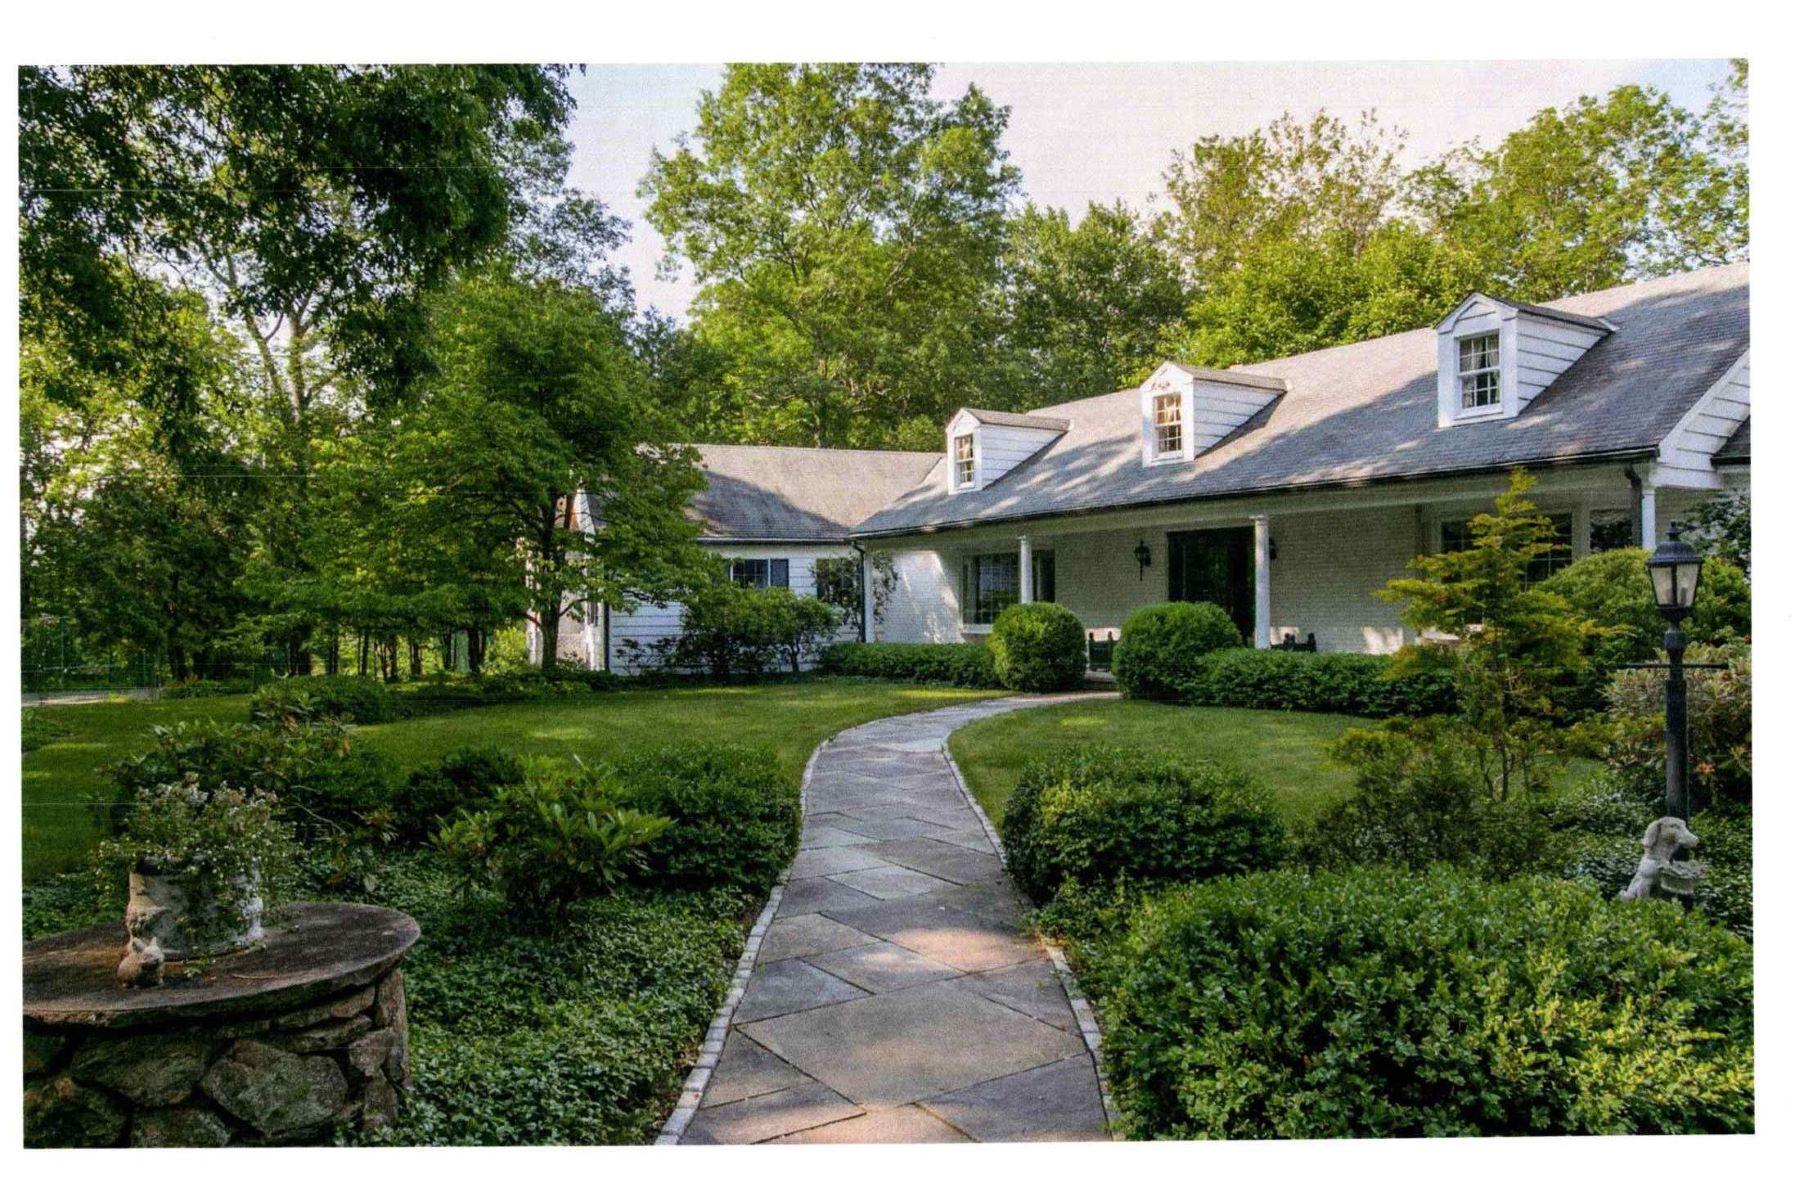 Single Family Homes для того Продажа на Quiet piece of paradise on 5 acres 32 & 40 Peter Road, Woodbury, Коннектикут 06798 Соединенные Штаты